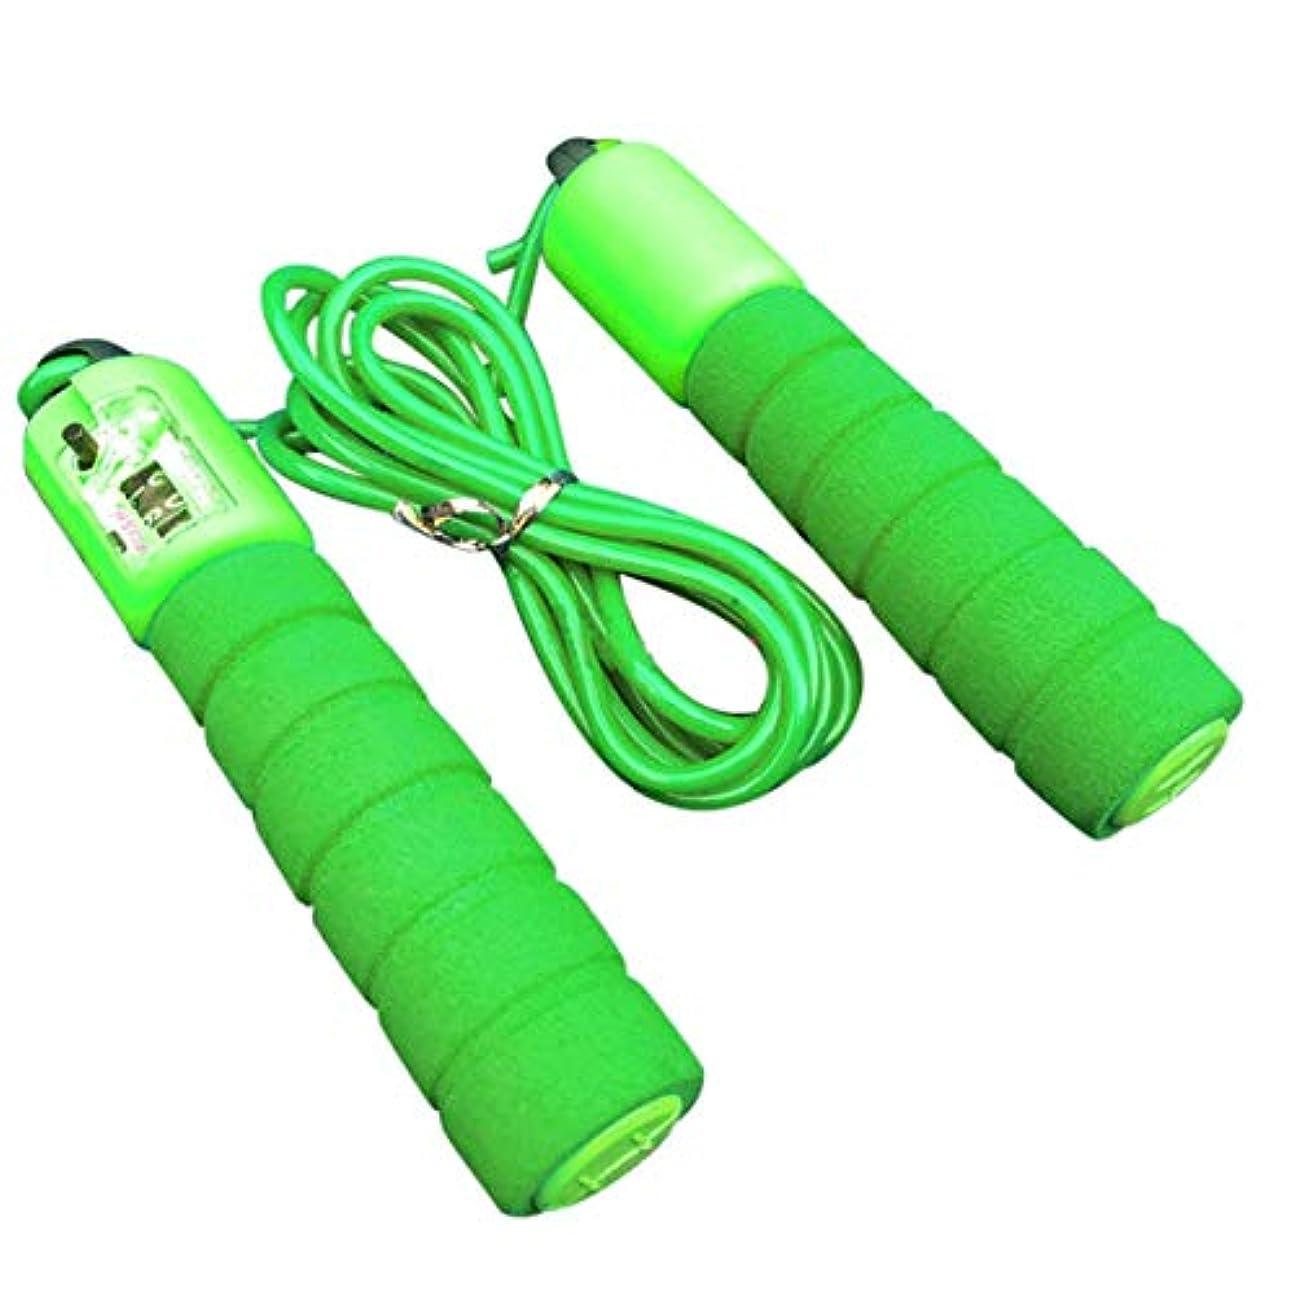 絶妙敷居スカルク調節可能なプロフェッショナルカウント縄跳び自動カウントジャンプロープフィットネス運動高速カウントジャンプロープ - グリーン